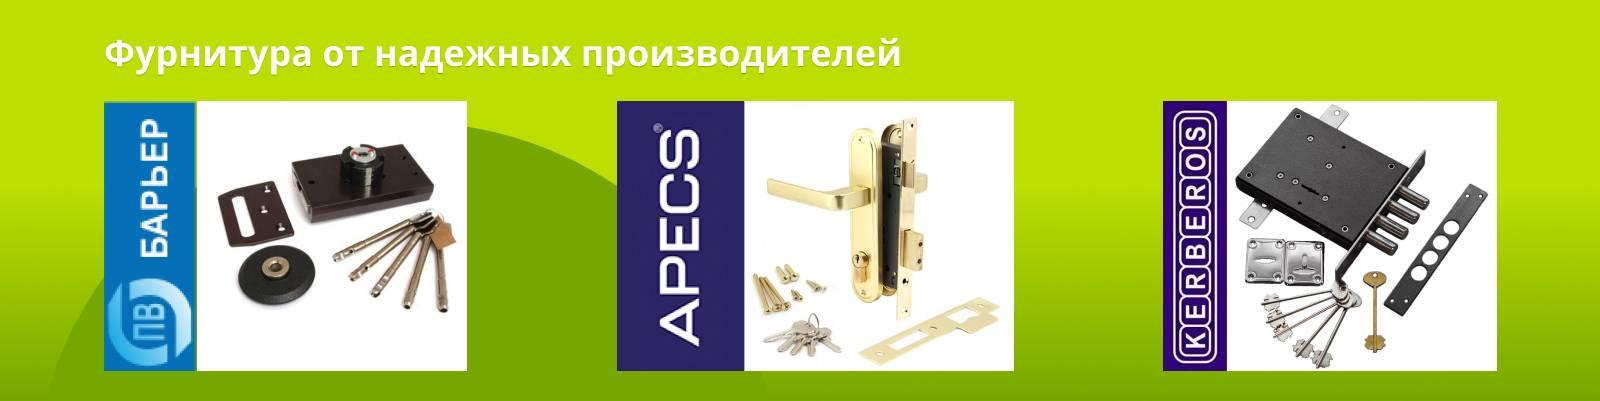 Производители дверных замков и их продукция